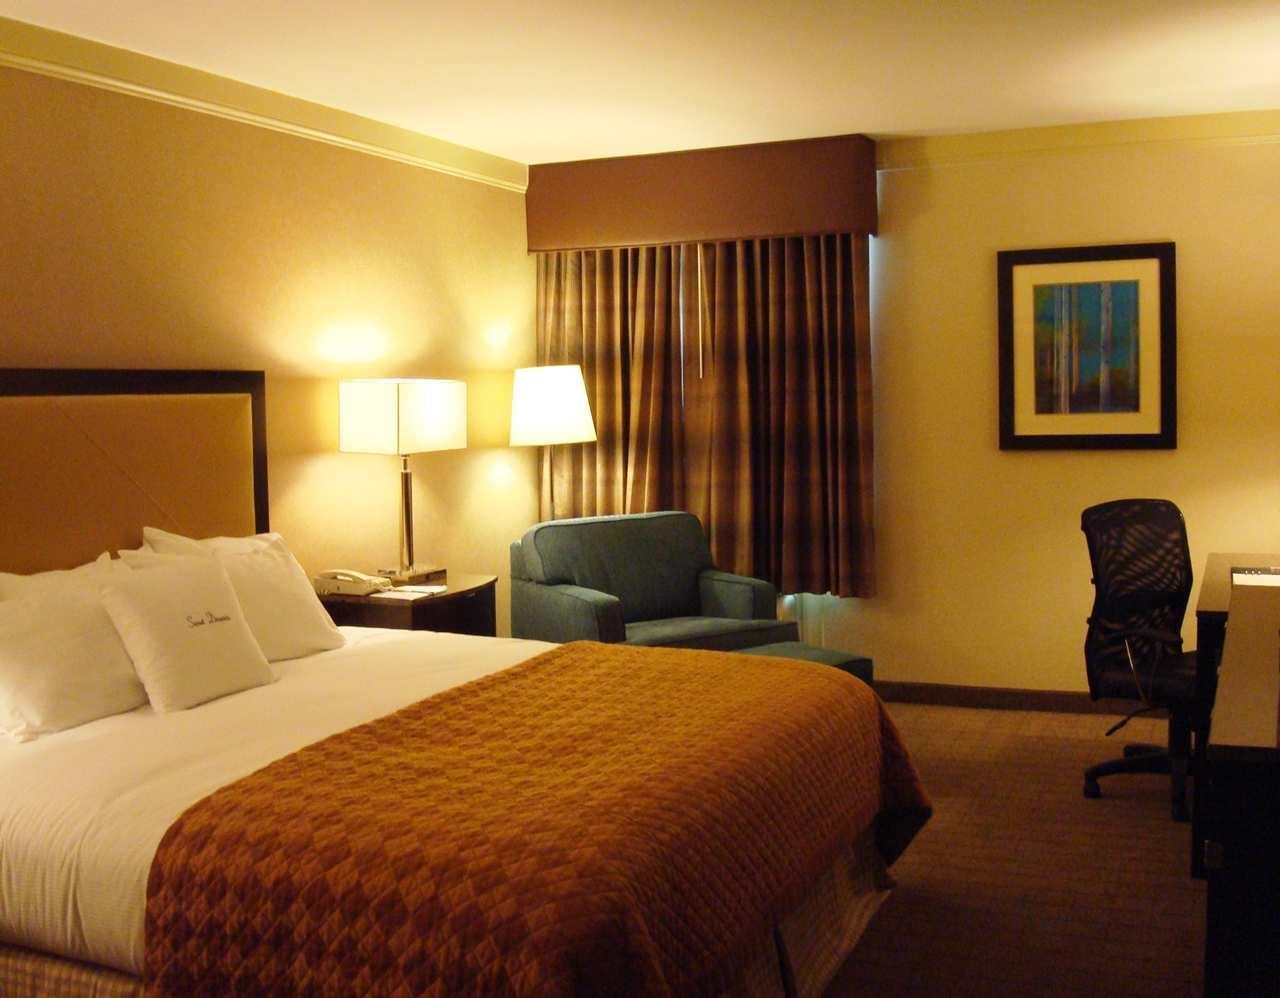 Doubletree Hotel Wilmington De Careers